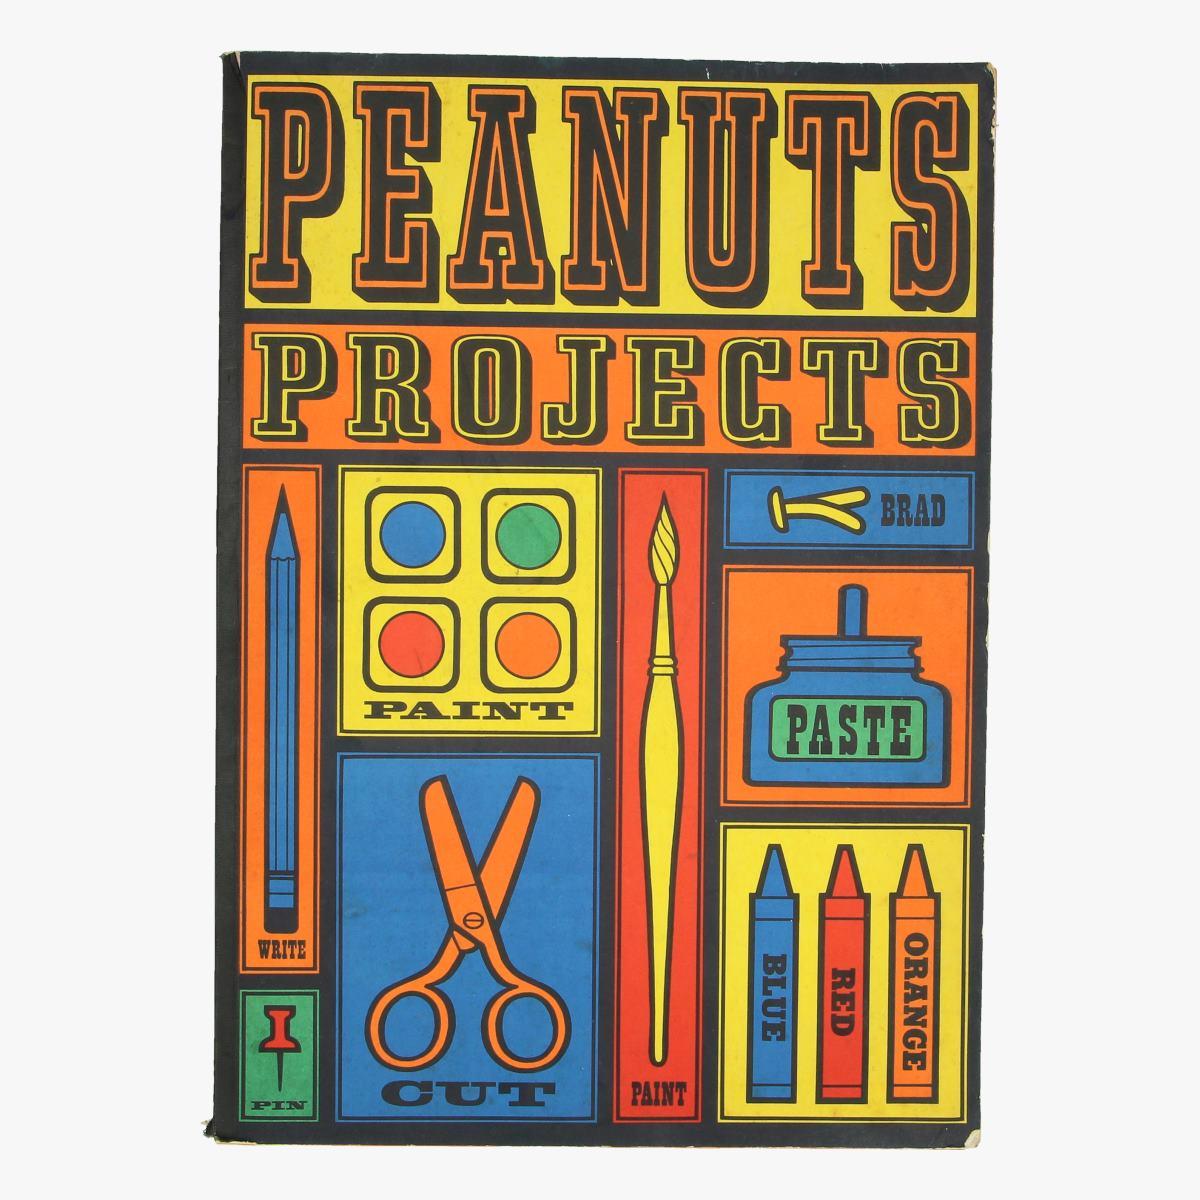 Afbeeldingen van peanuts projects